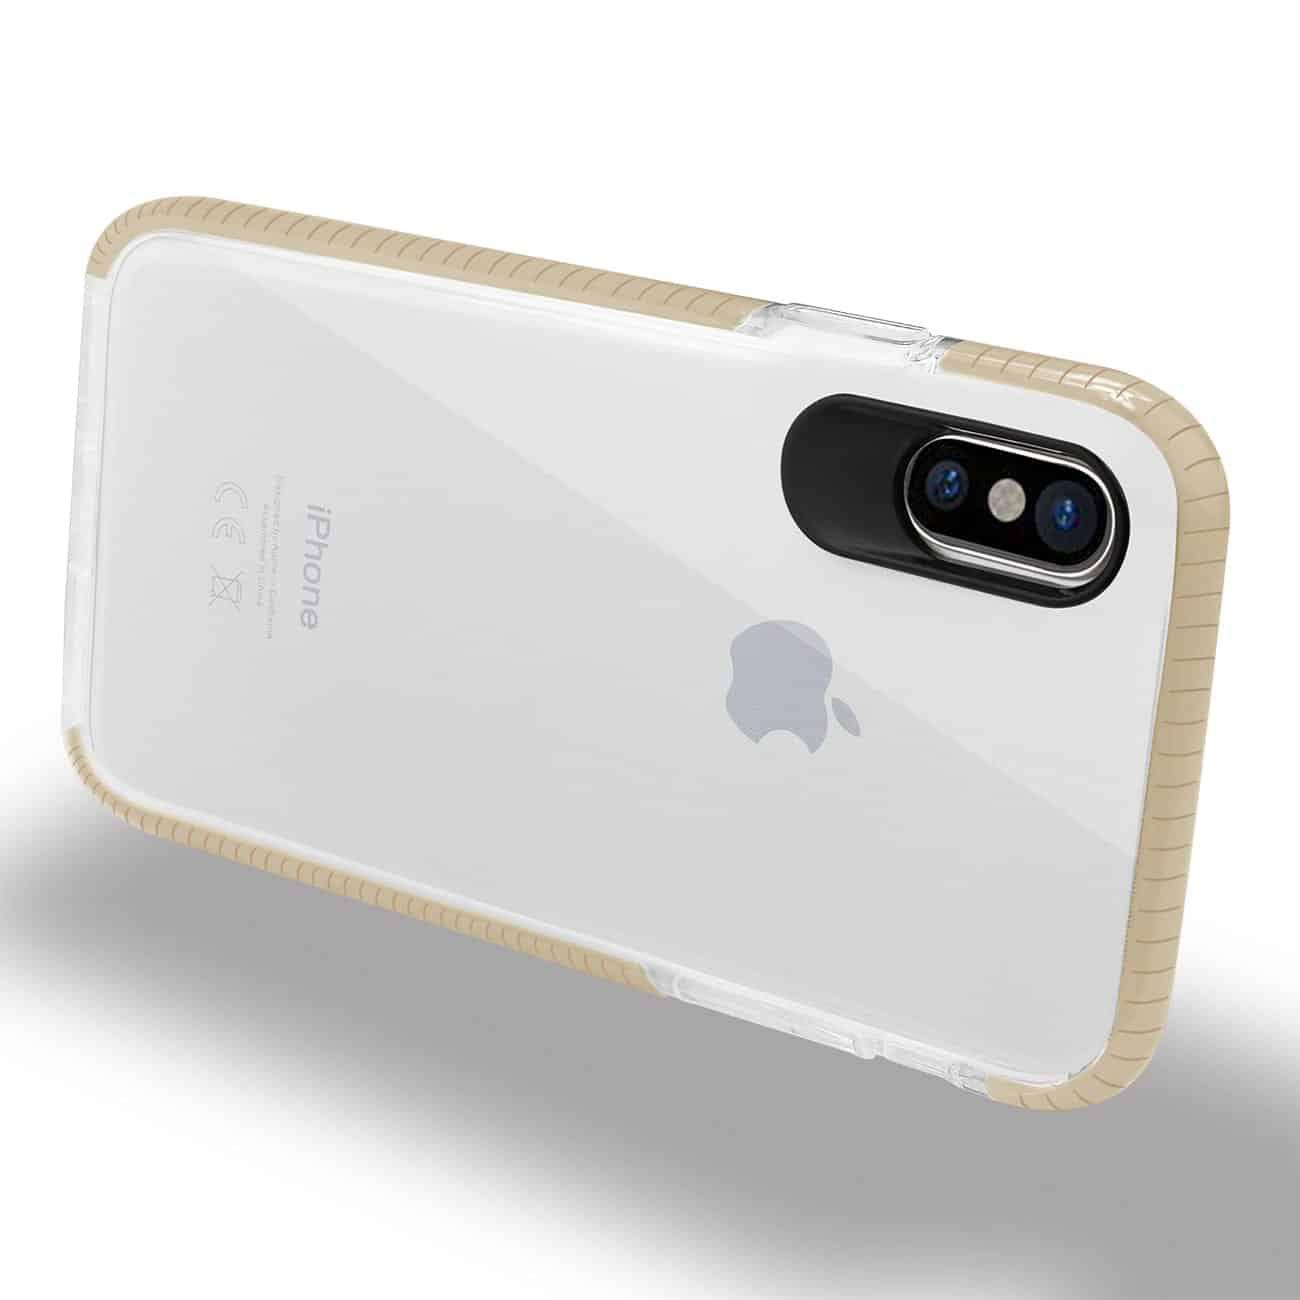 IPHONE X SOFT TRANSPARENT TPU CASE IN CLEAR GOLD